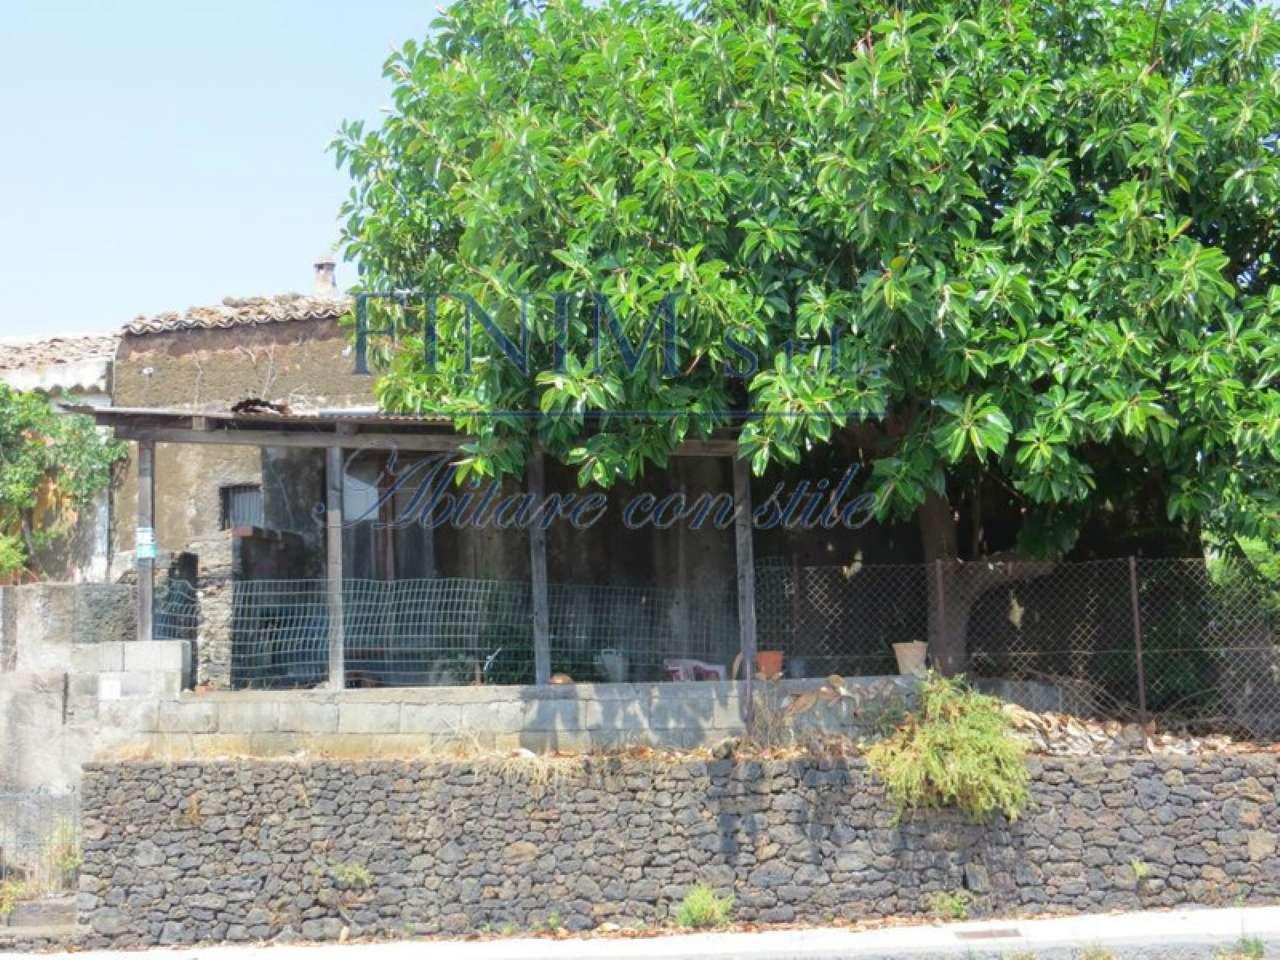 Rustico in Vendita a San Giovanni La Punta:  5 locali, 400 mq  - Foto 1